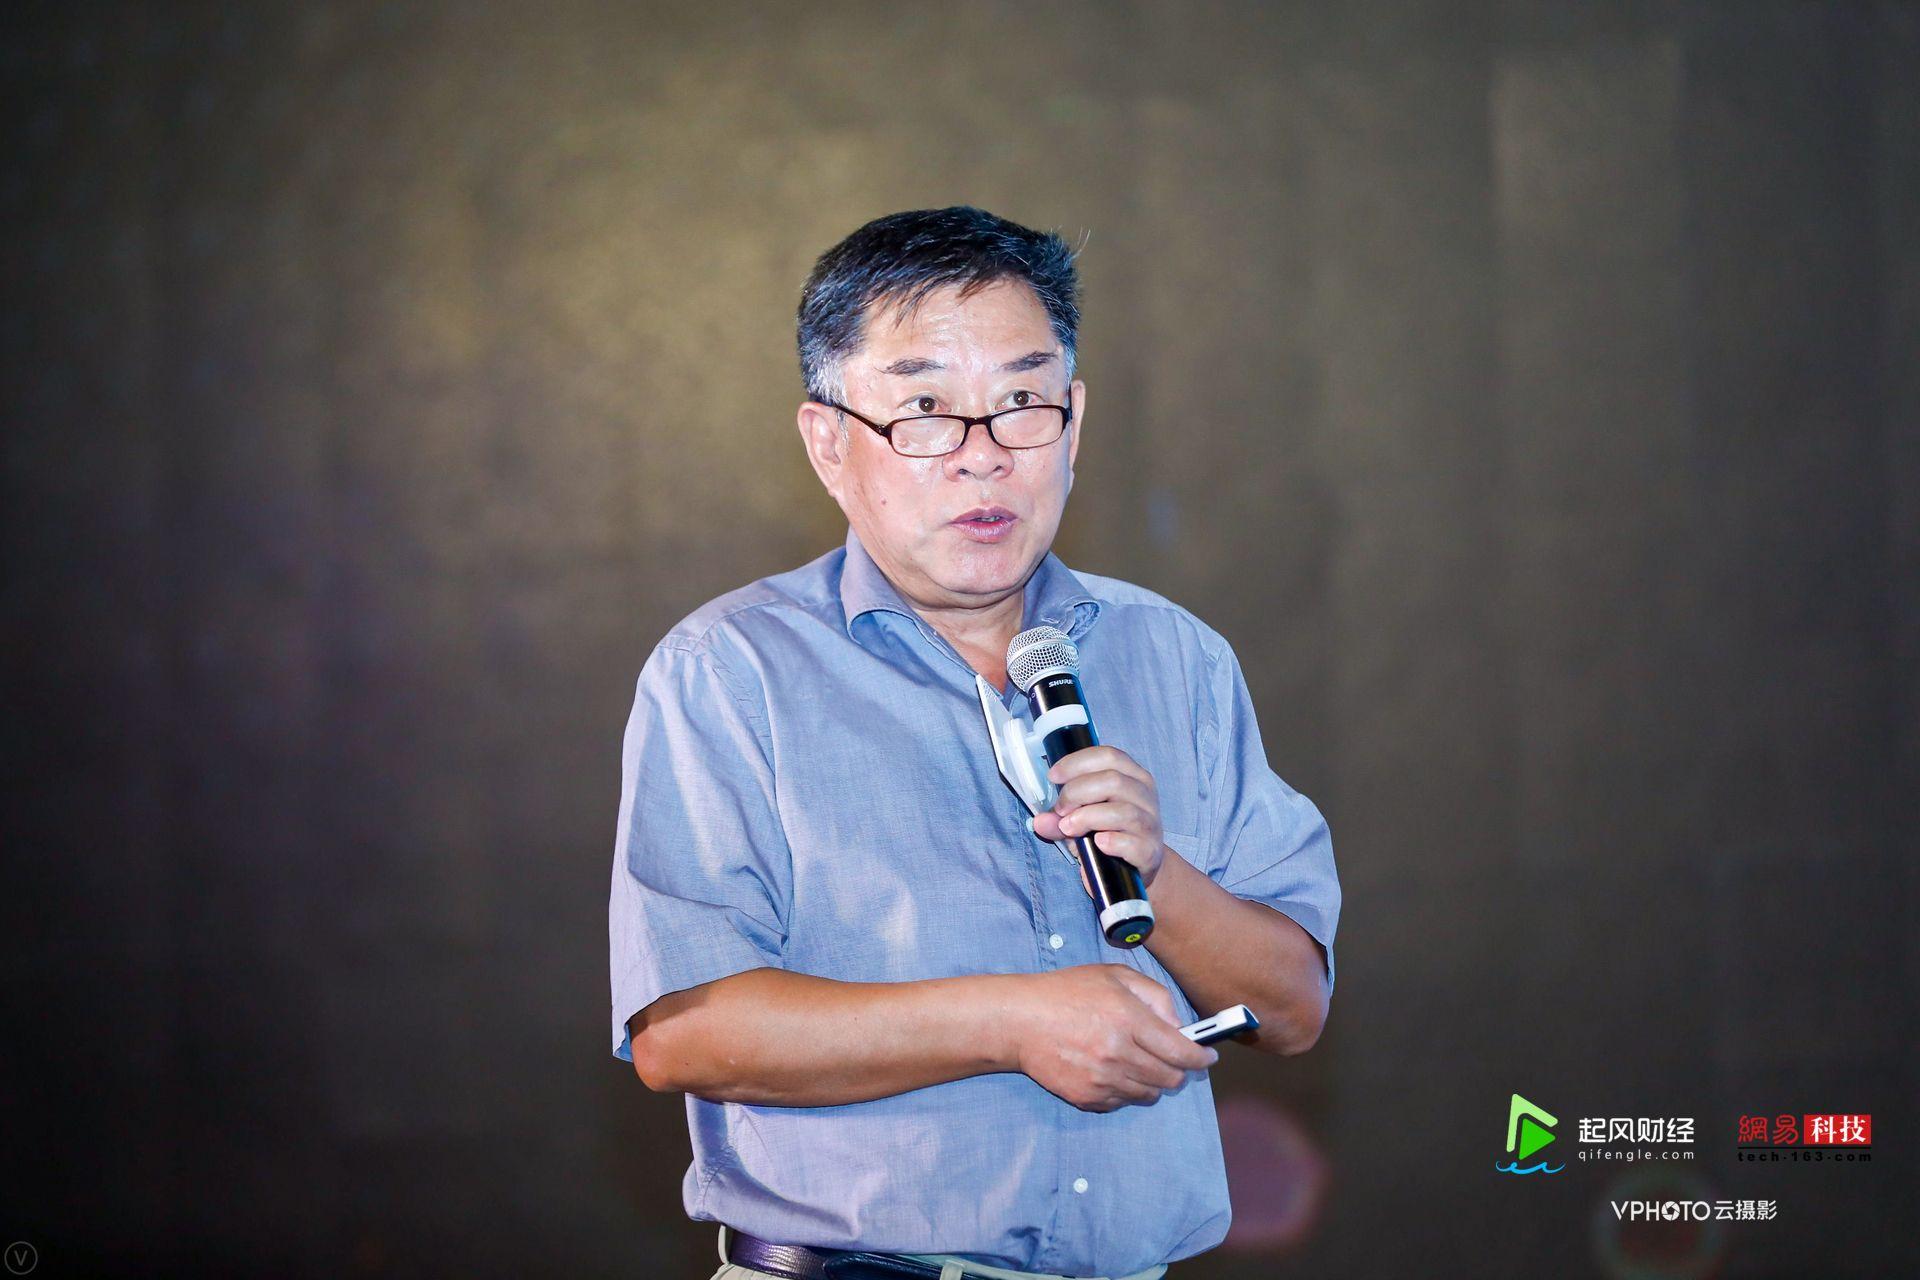 谢平:ICO在华成了打着区块链招牌的非法集资游戏